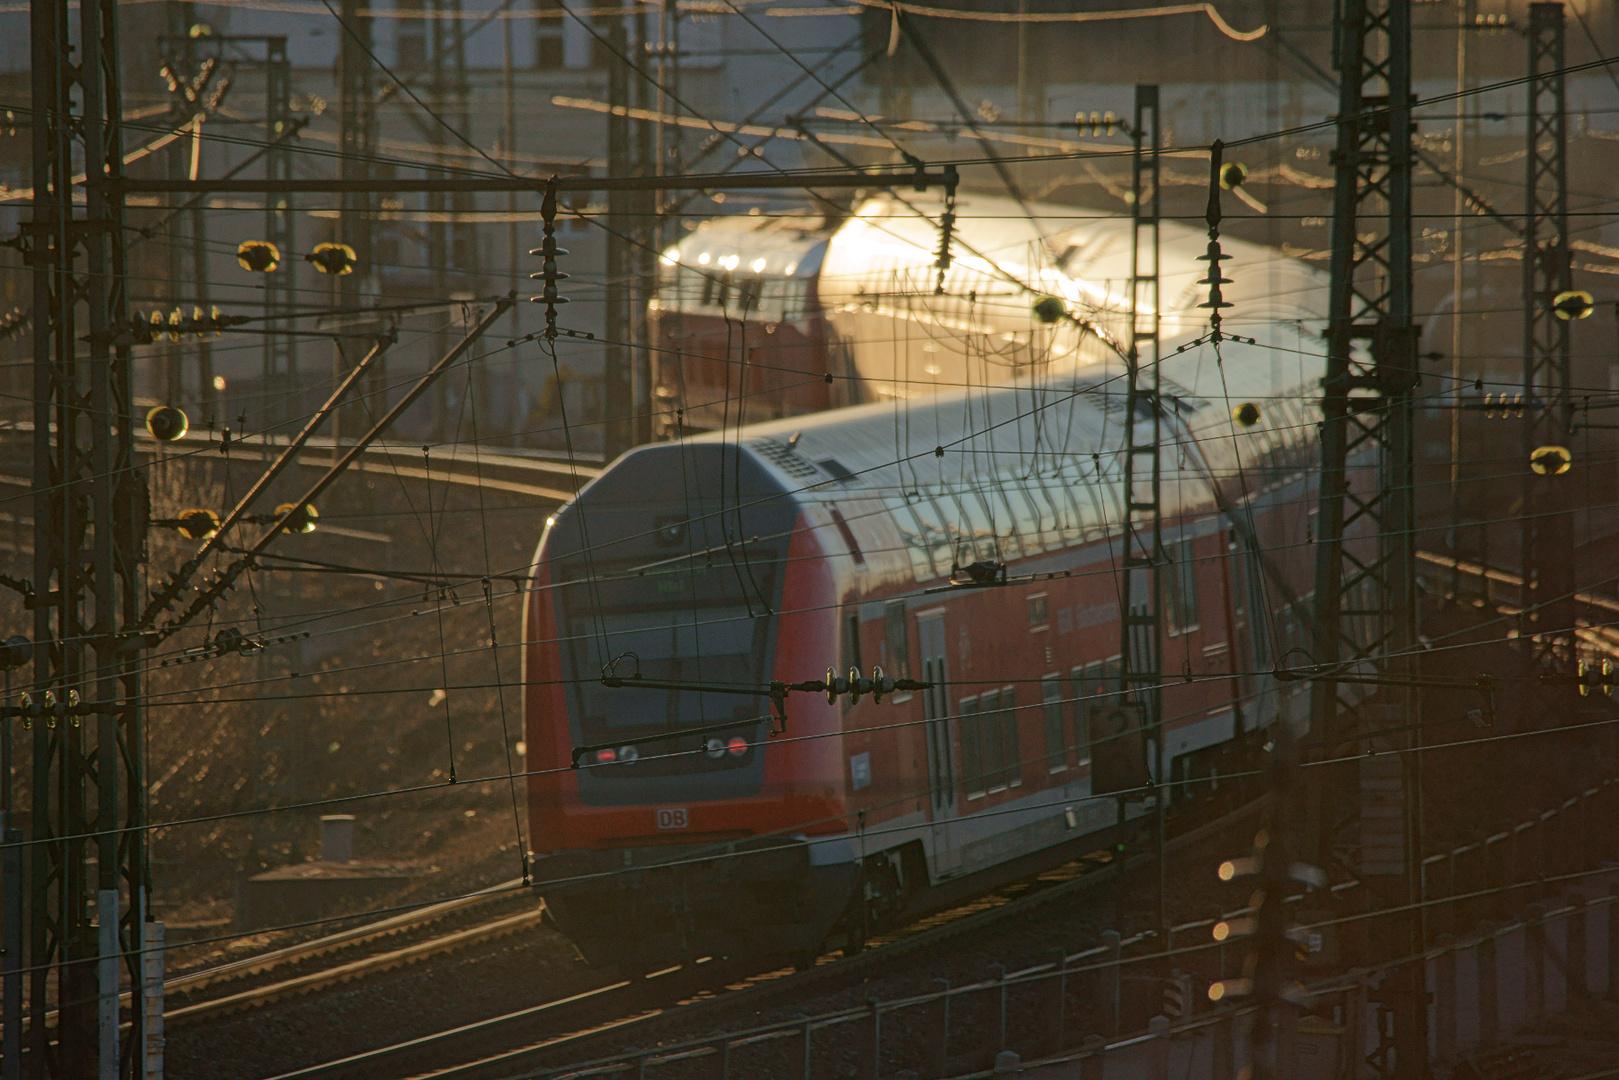 München-Mühldorf Doppelstockzug